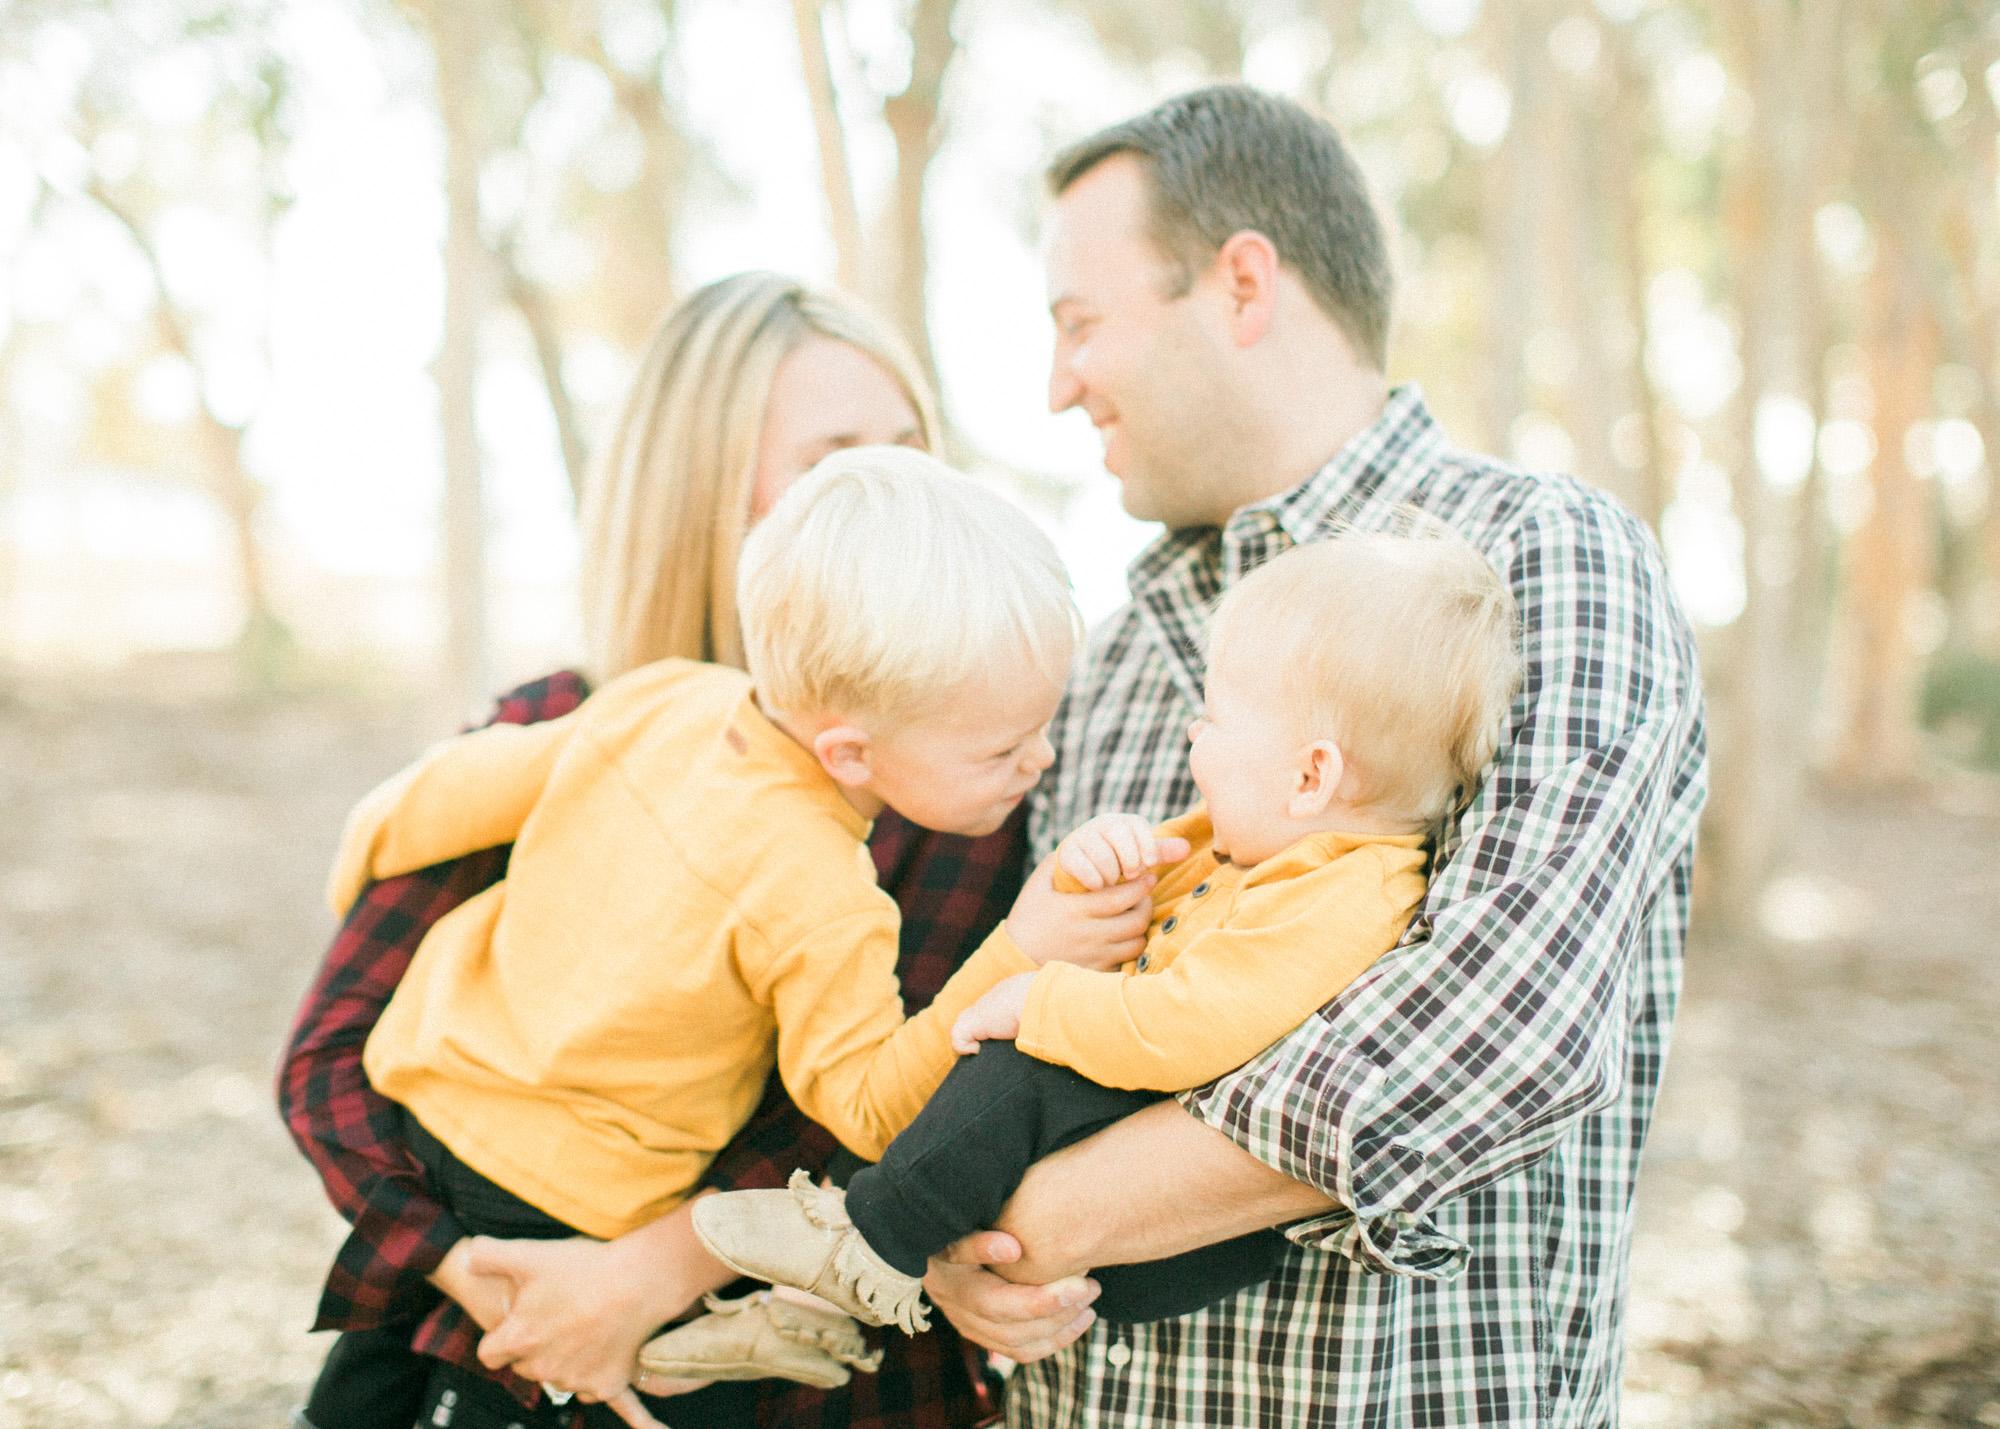 fall-family-photos-5.jpg